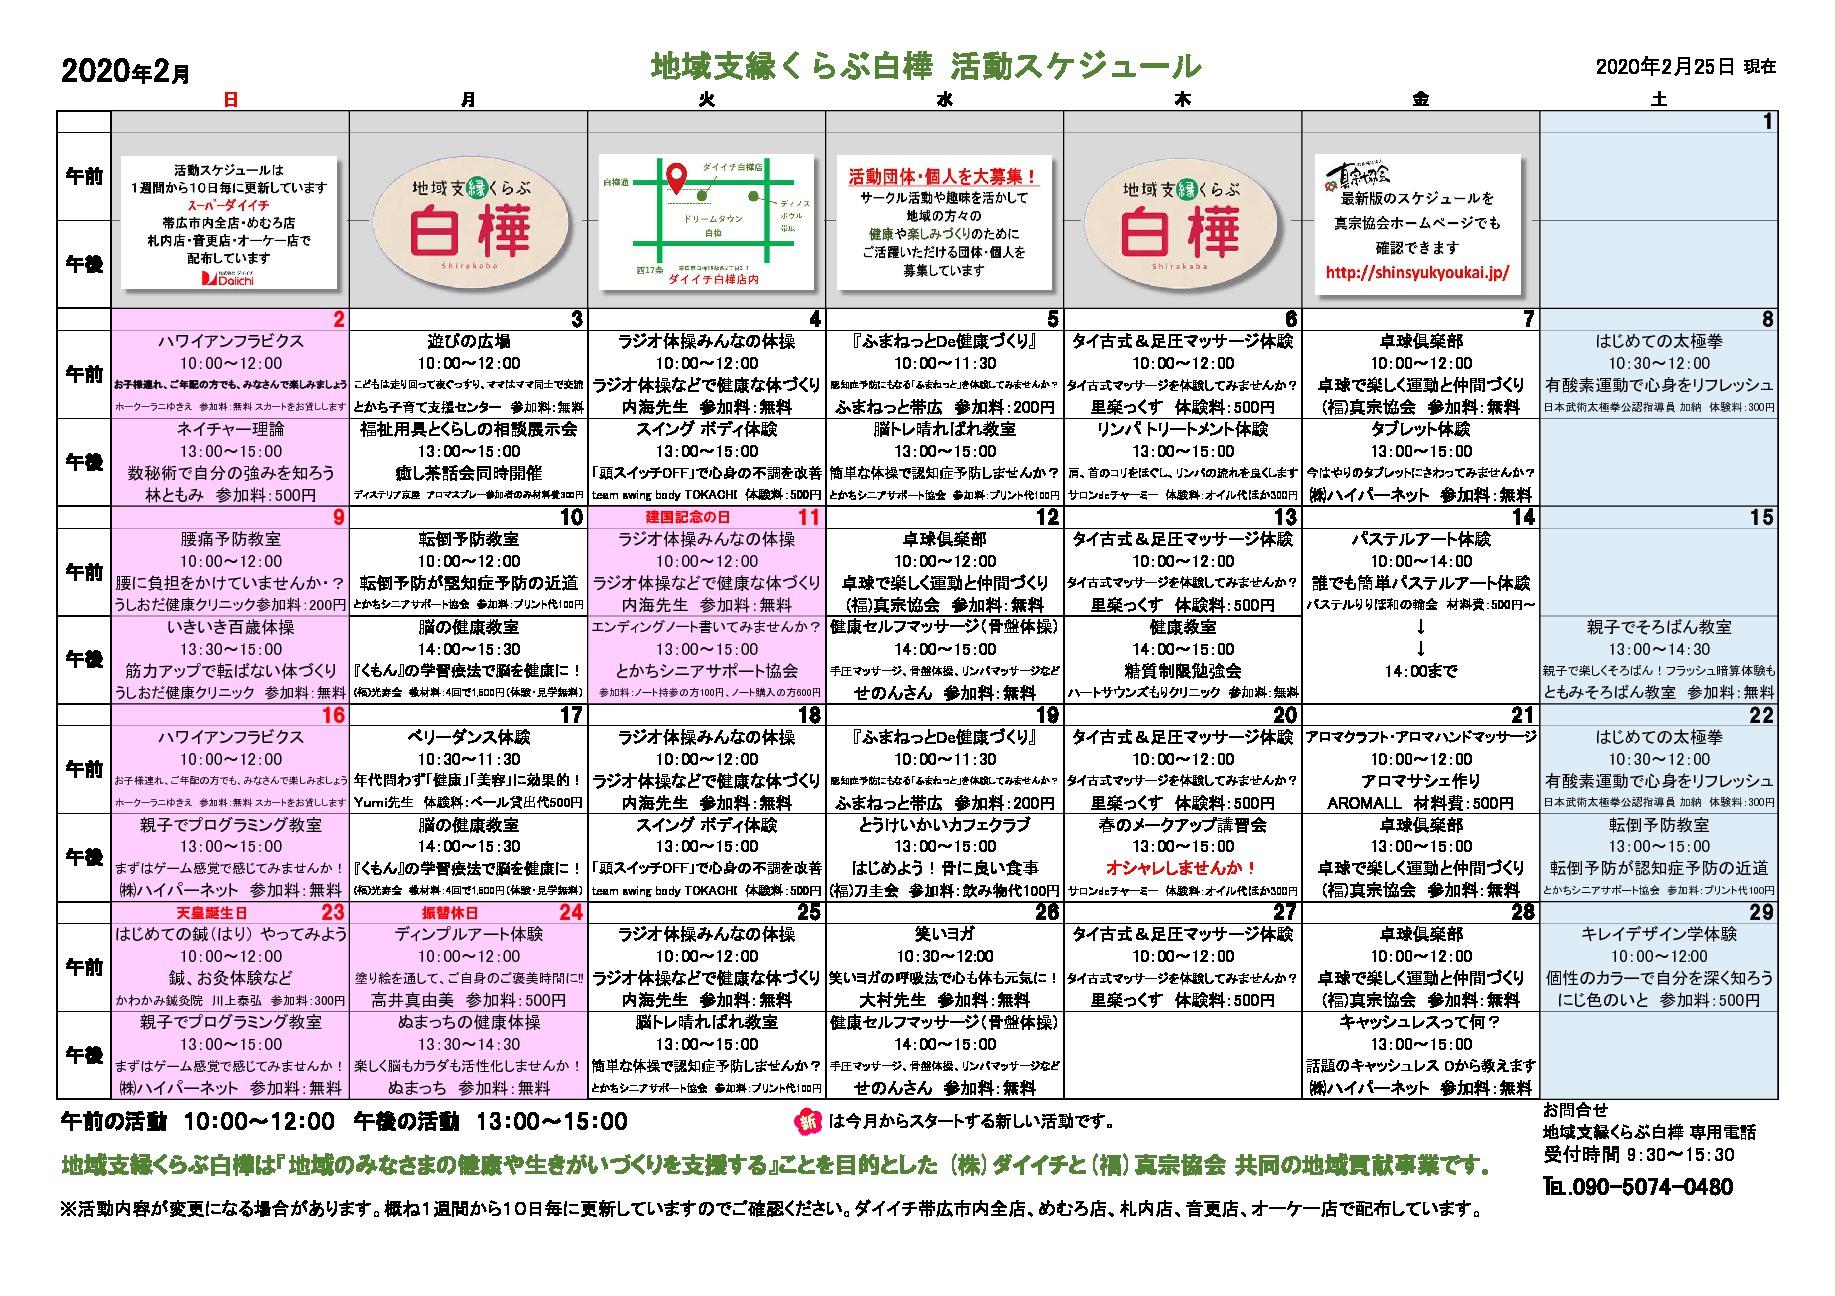 2019活動スケジュール2(2020.2.25付)のサムネイル